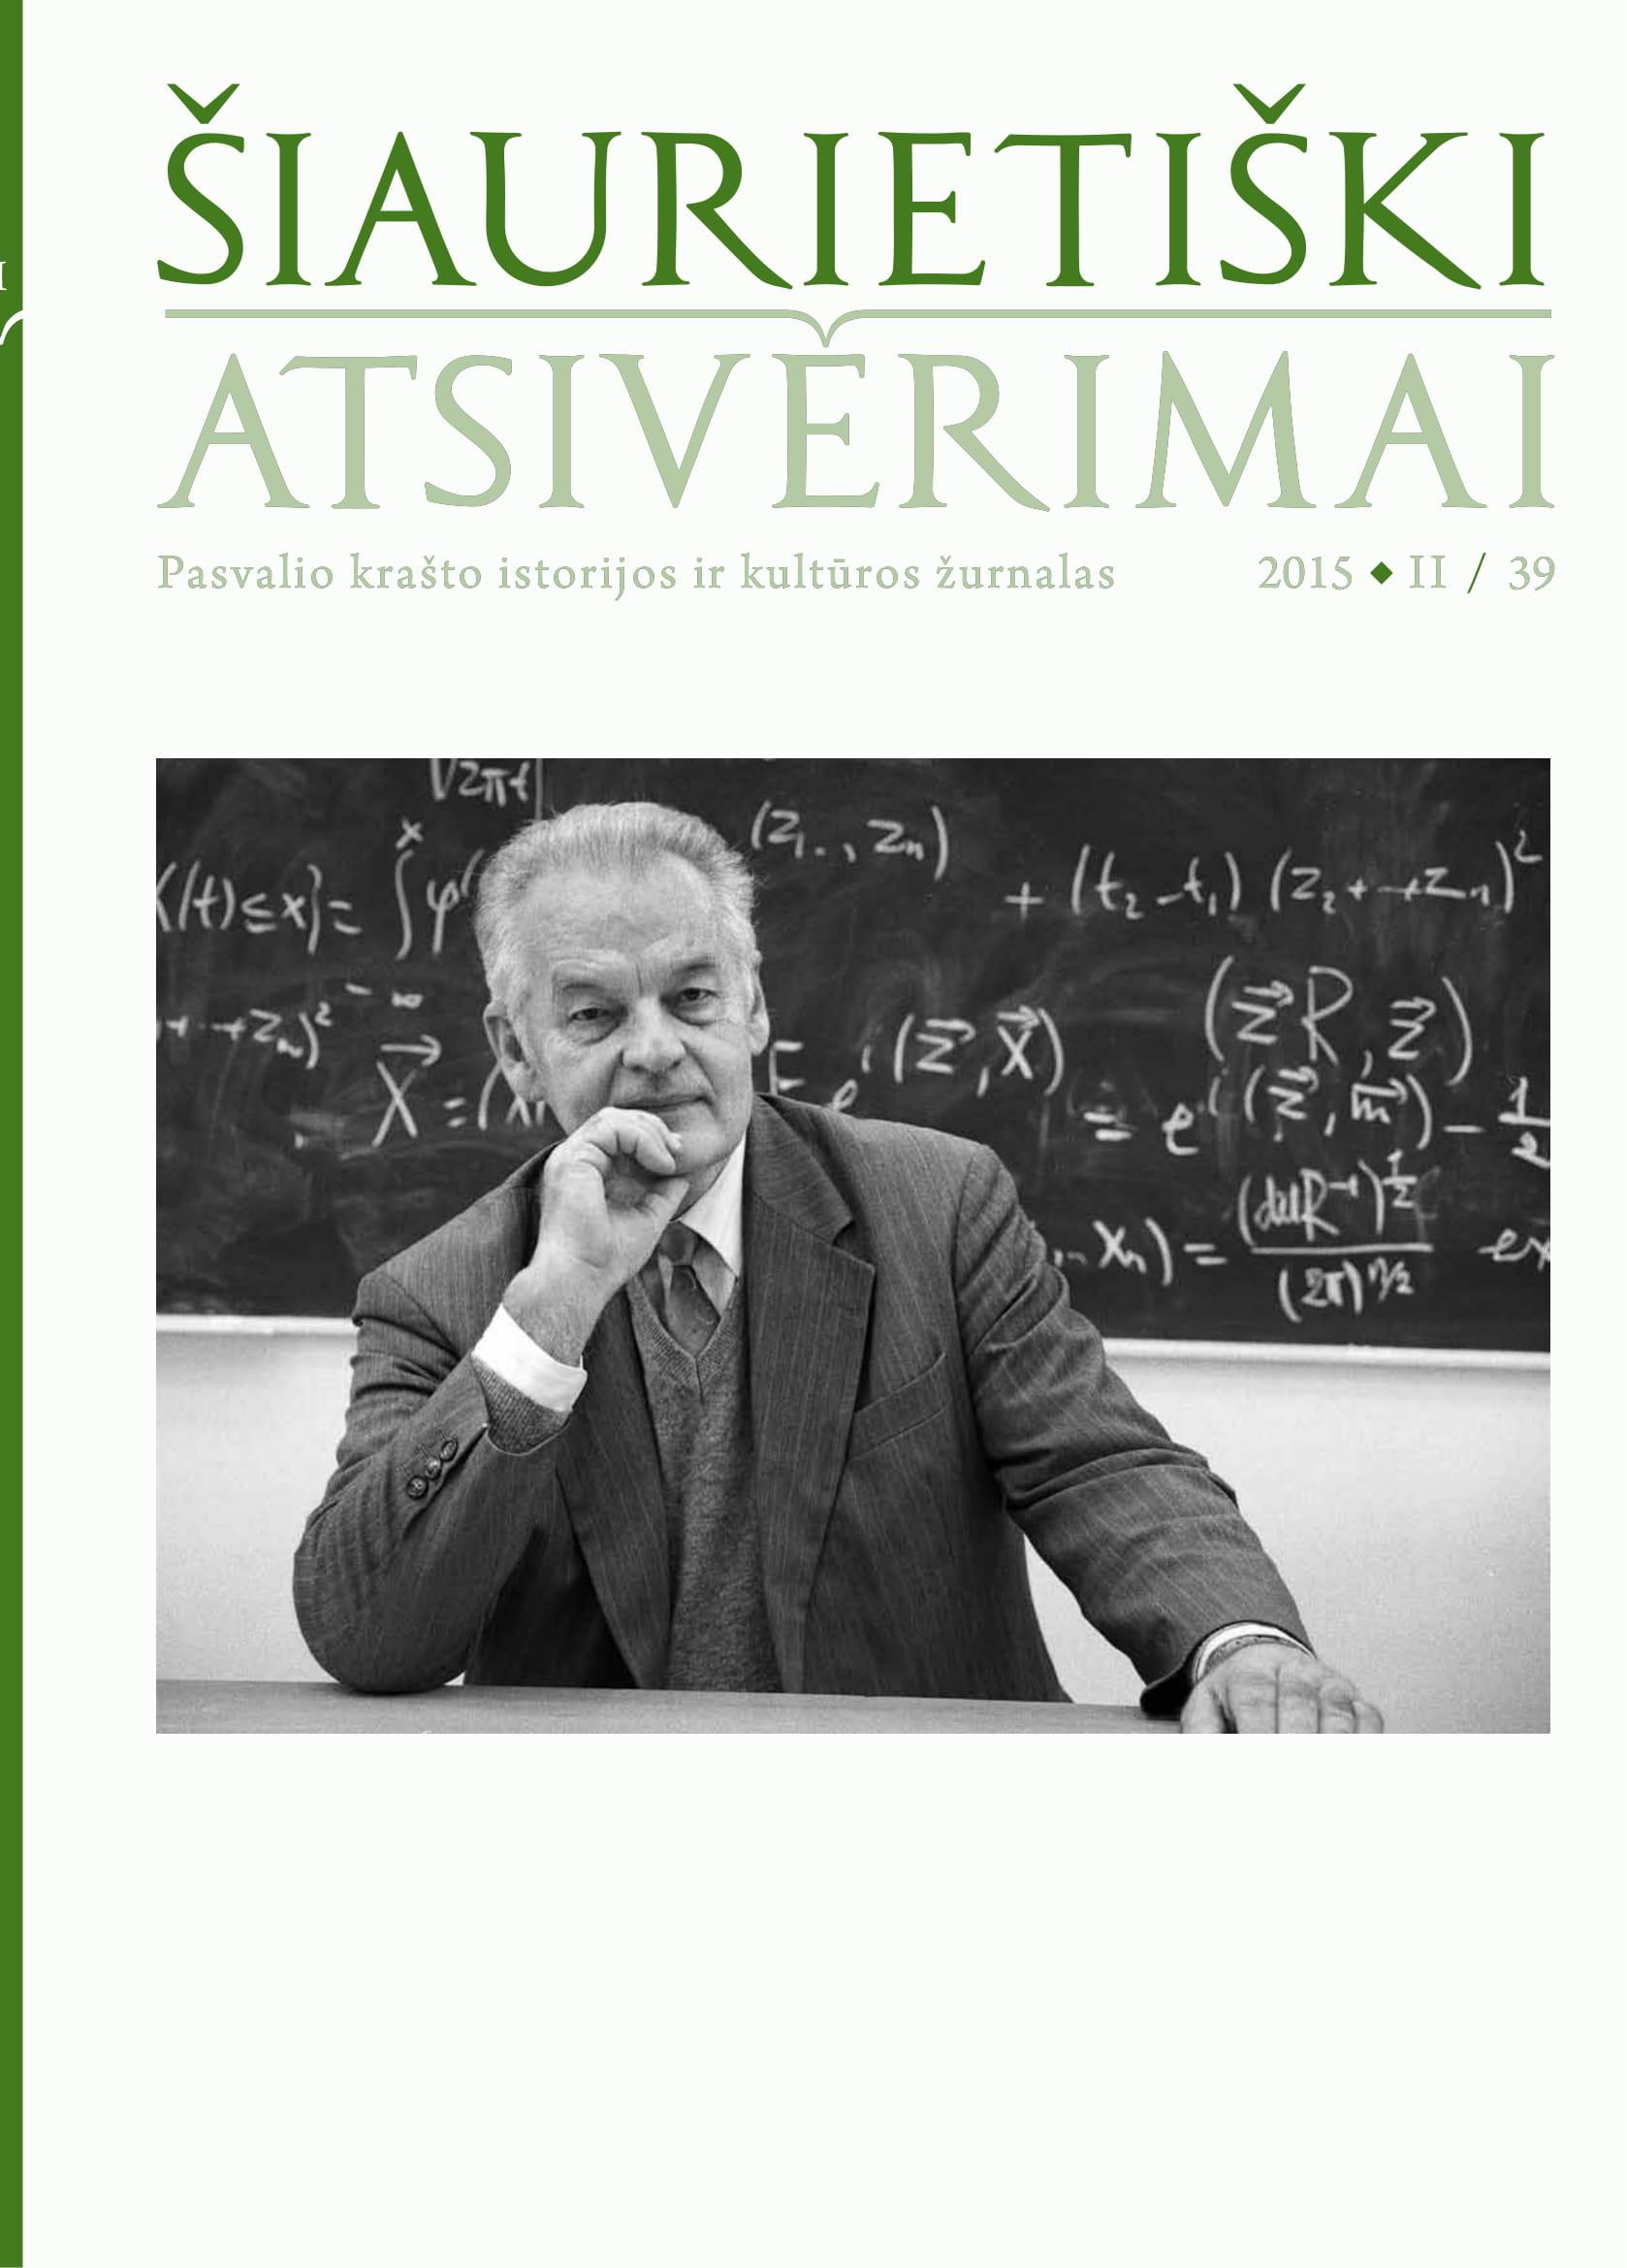 Šiaurietiški atsivėrimai : Pasvalio krašto istorijos ir kultūros žurnalas 2015, nr. 2 (39)